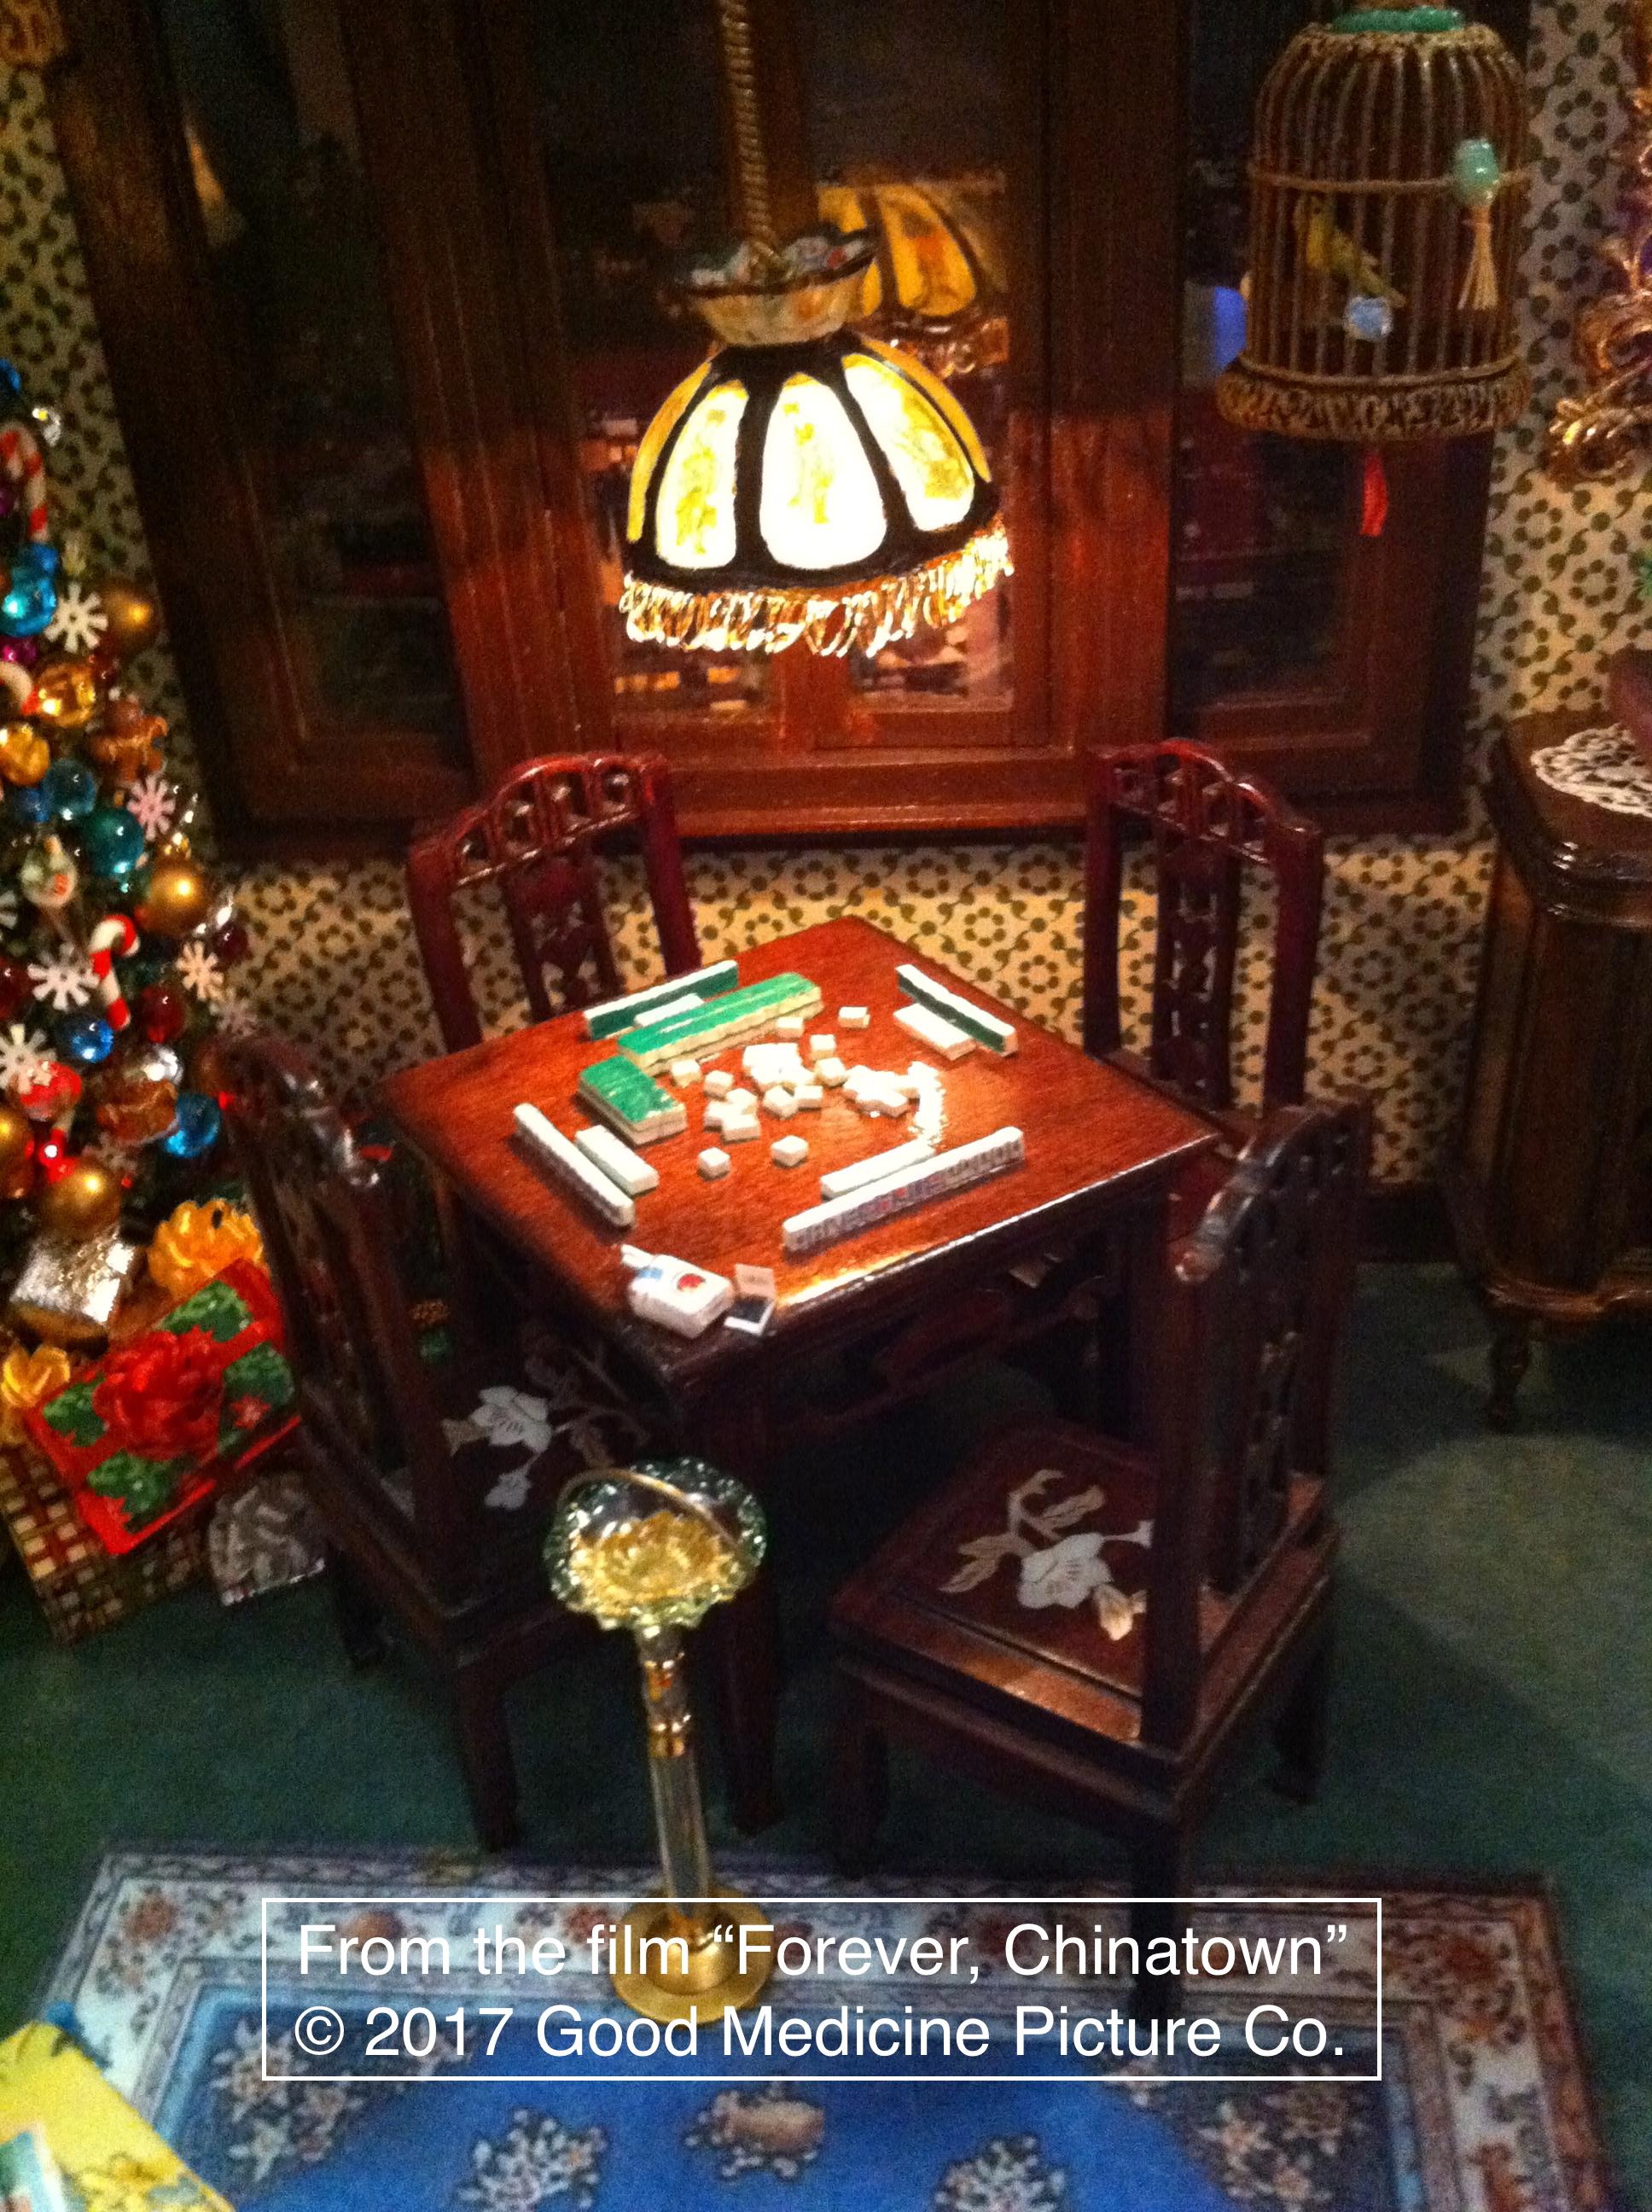 The Living Room mahjong table.